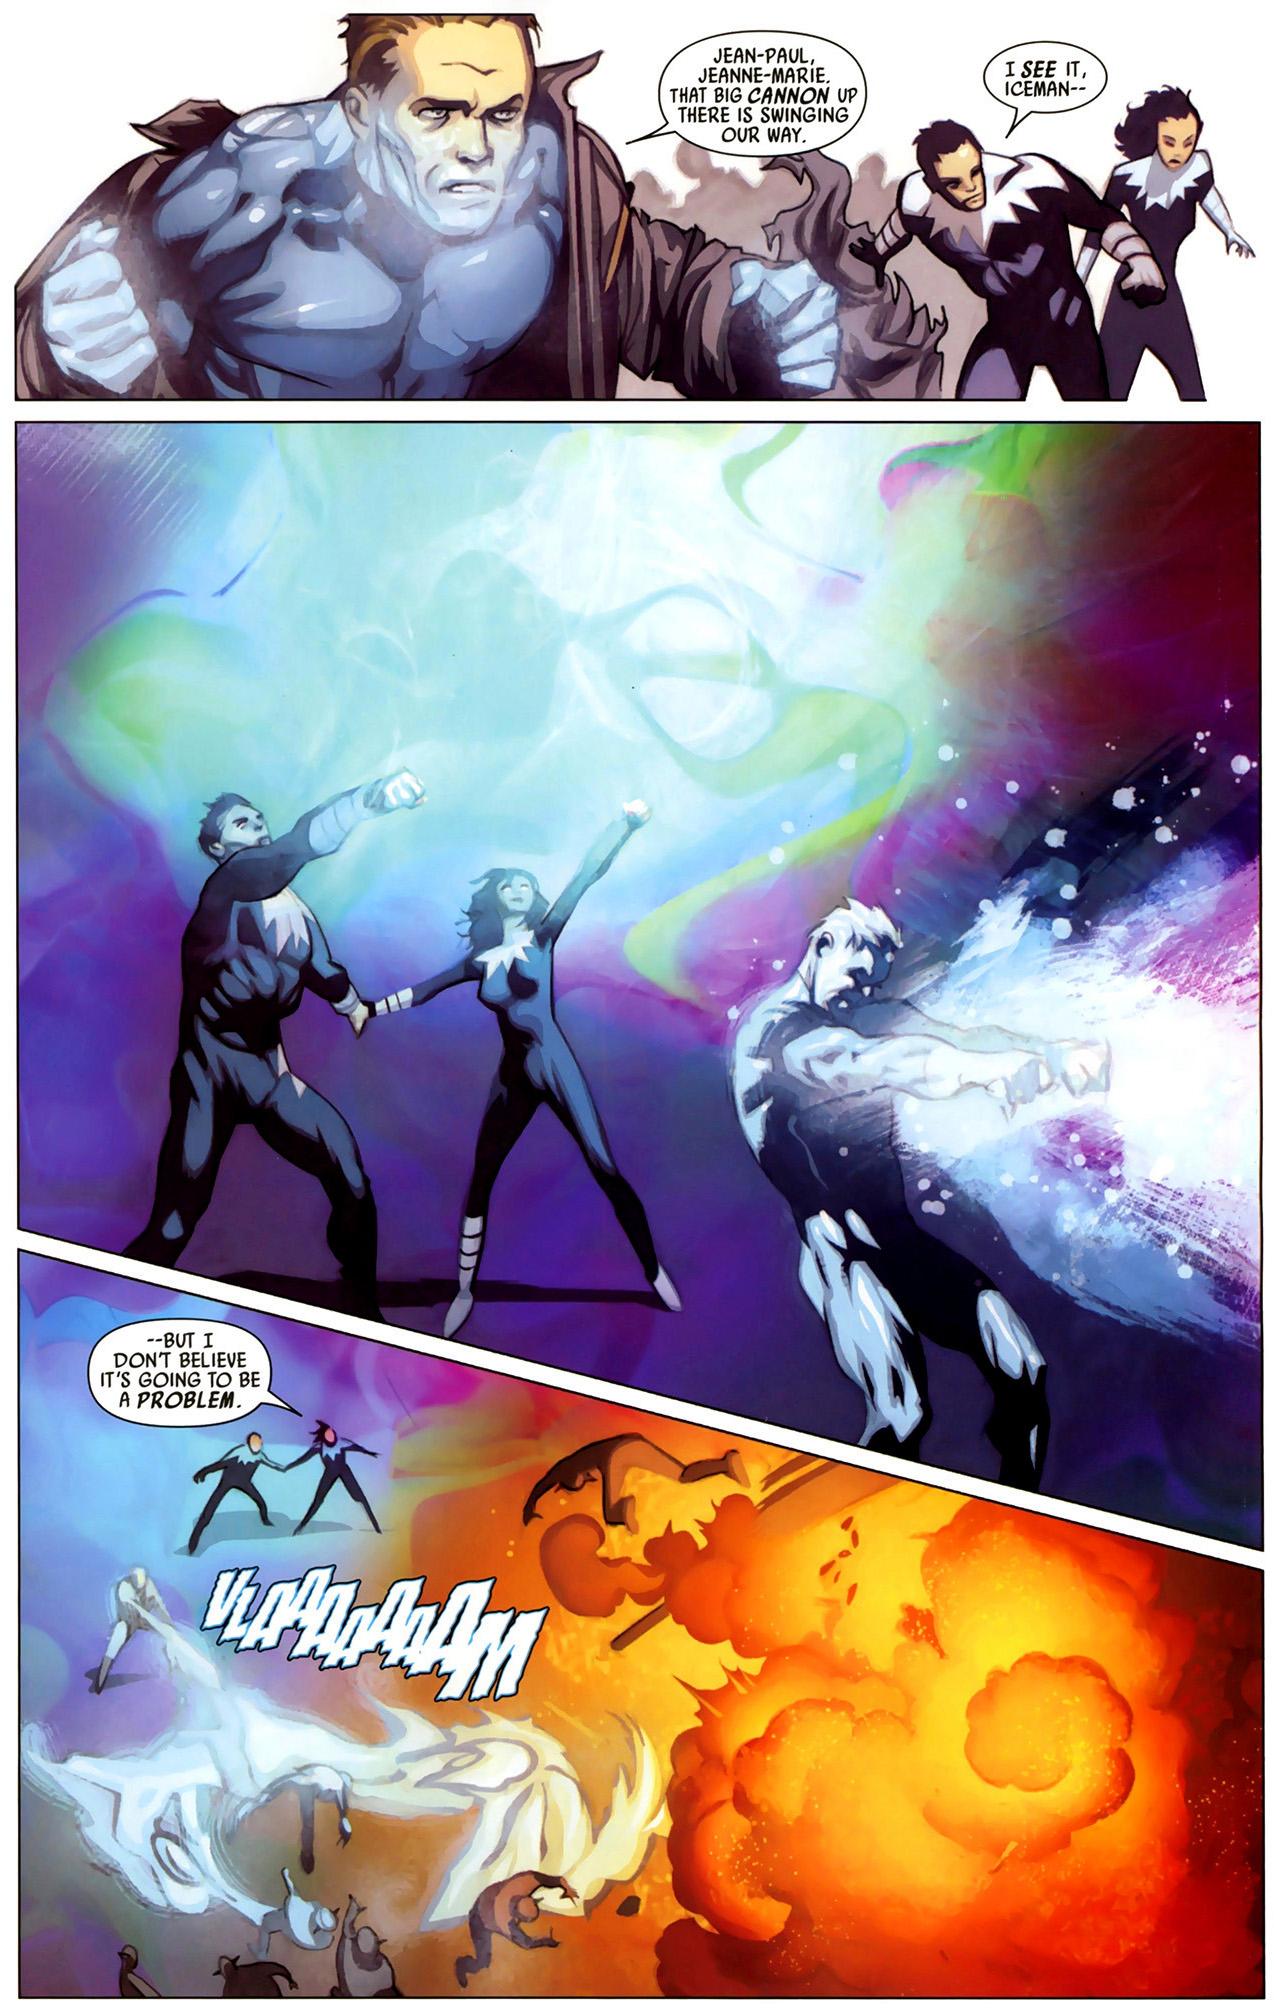 x-men uses guerilla tactics against the skrulls